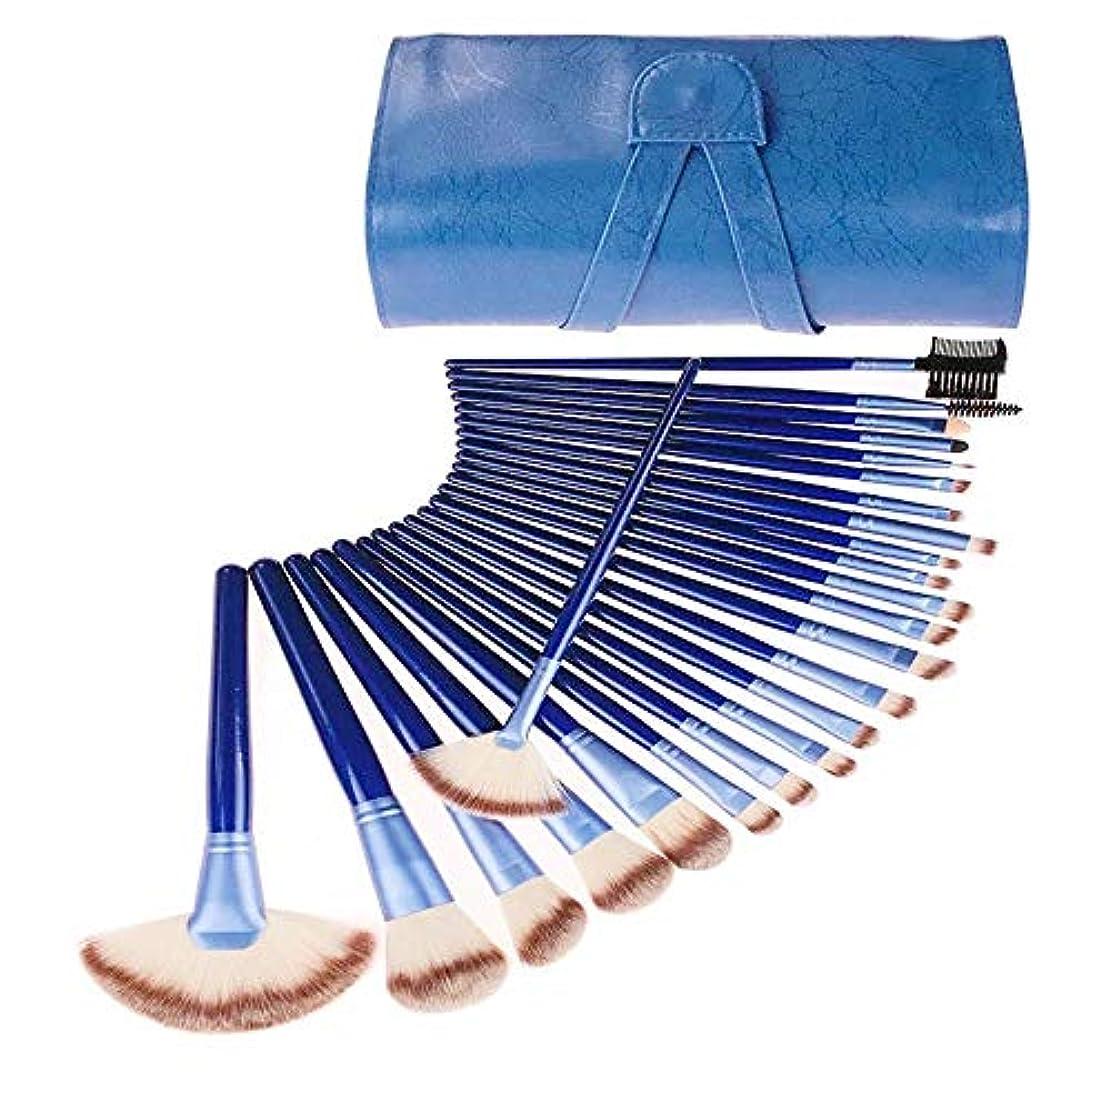 不愉快検索トークCHANGYUXINTAI-HUAZHUANGSHUA 青化粧品のすべての種類に適した24個のプロのメイクアップブラシ、 (Color : Blue)